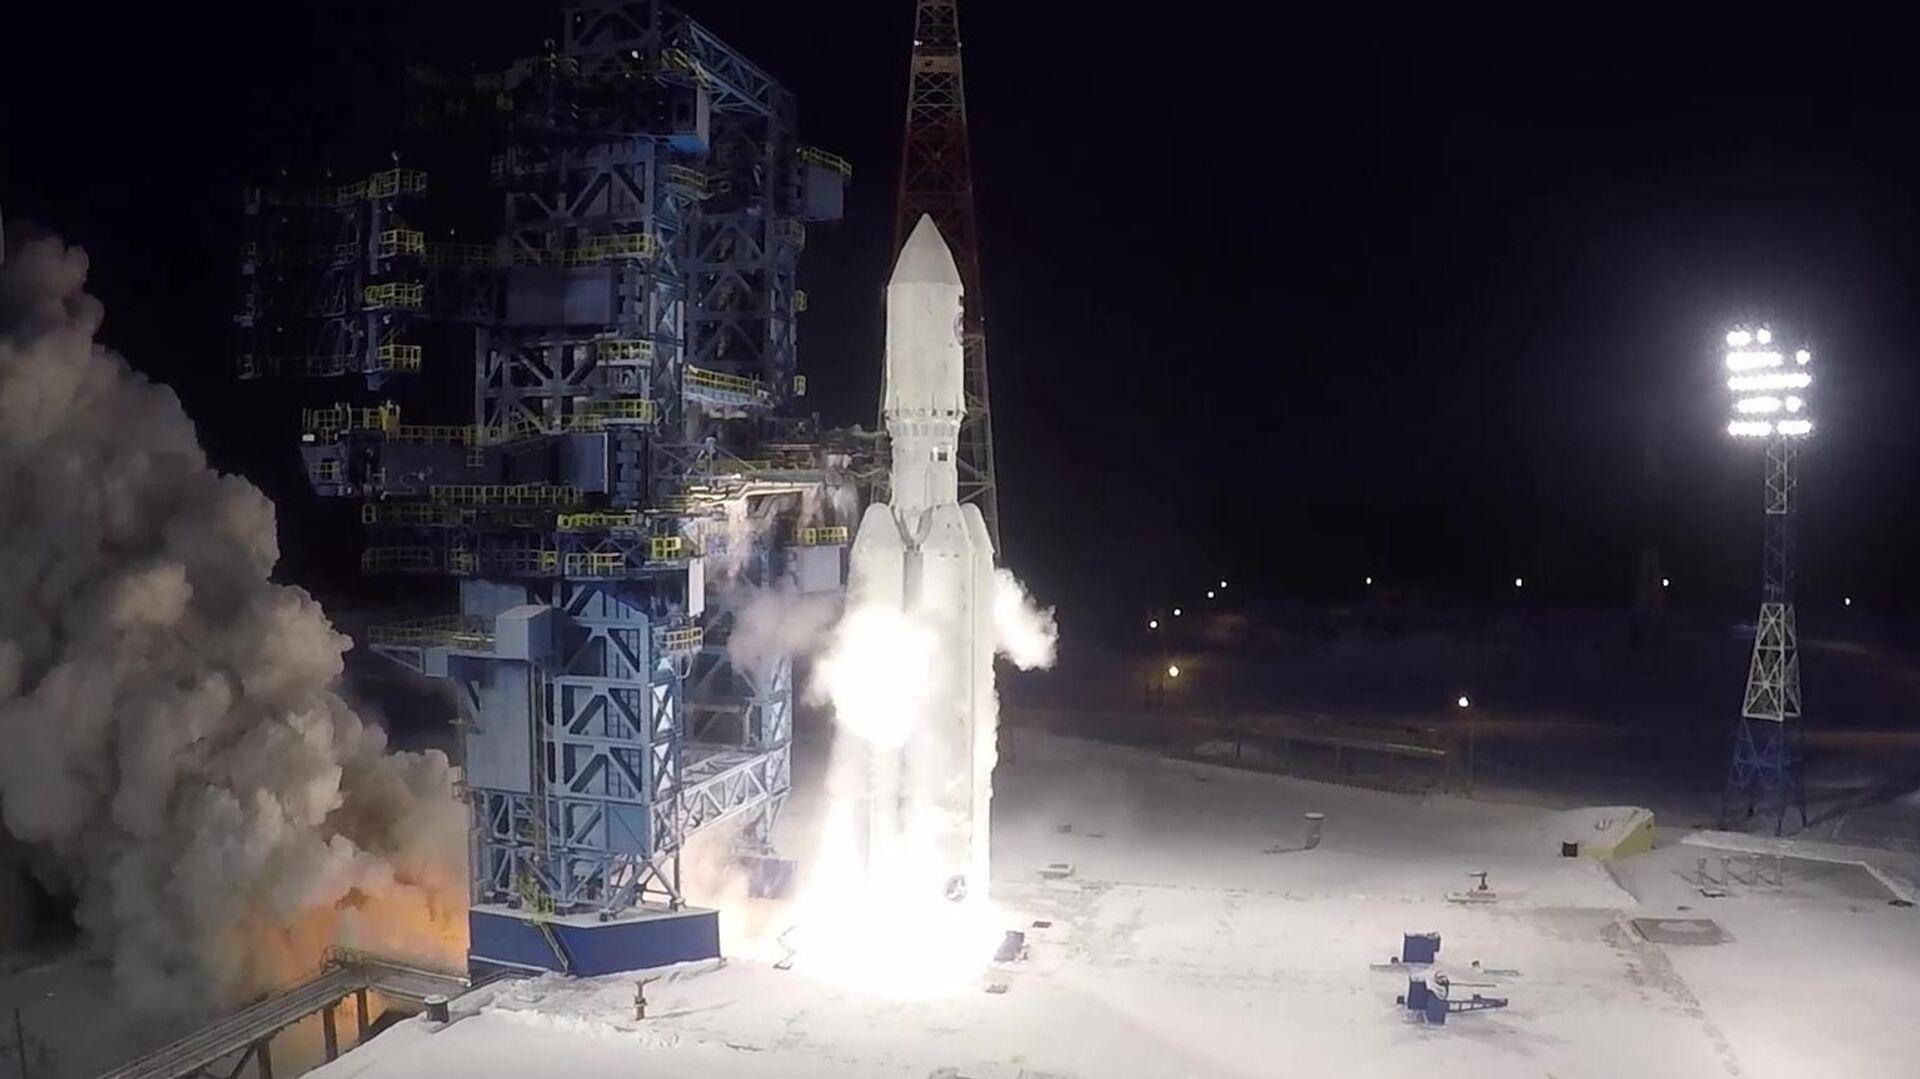 Запуск тяжелой ракеты-носителя Ангара-5 с разгонным блоком Бриз-М с макетом спутника на космодроме Плесецк. Стоп-кадр видео - РИА Новости, 1920, 14.12.2020